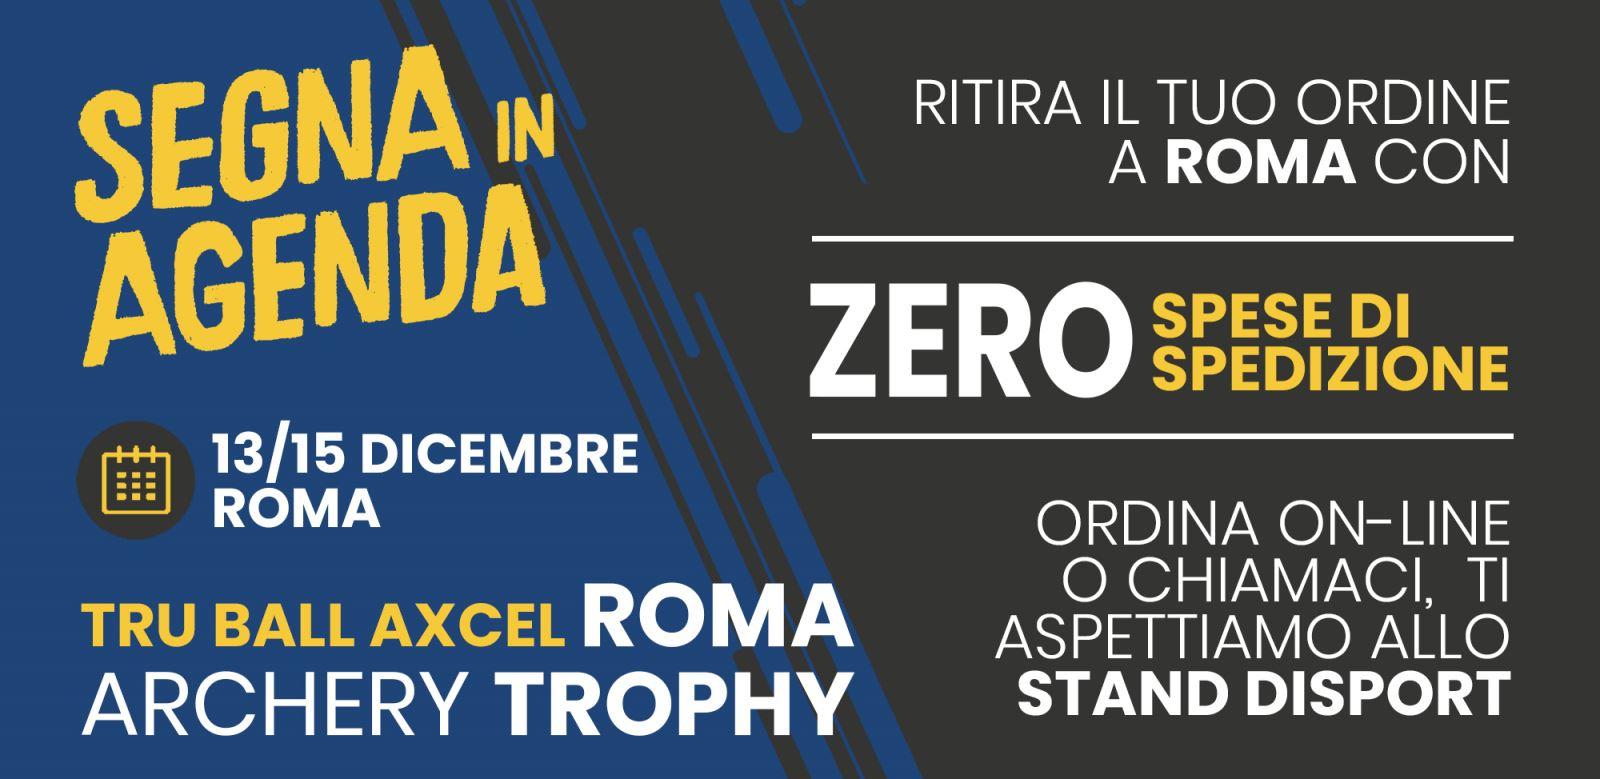 Eventi Siamo Presenti a Roma